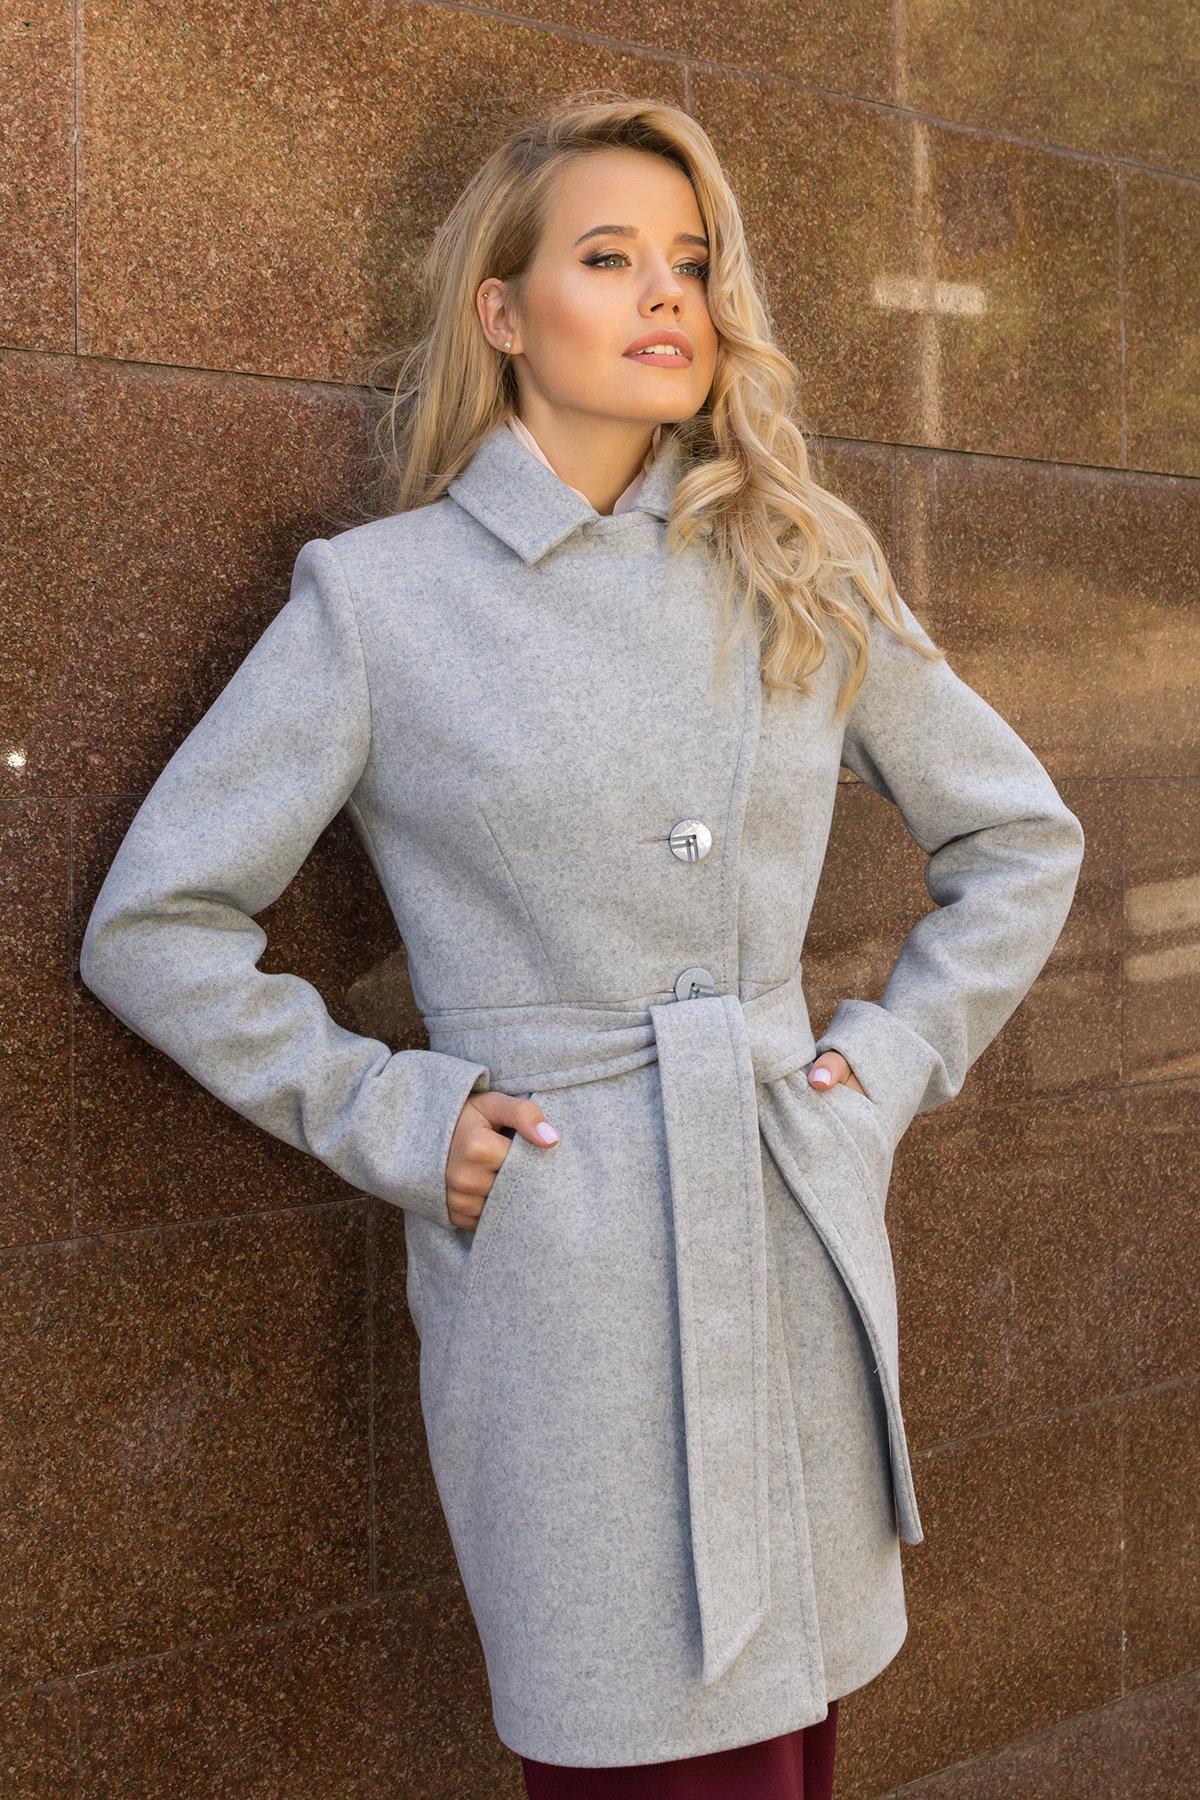 Демисезонное пальто с поясом Камила 7964 АРТ. 43920 Цвет: Серый Светлый 33 - фото 5, интернет магазин tm-modus.ru